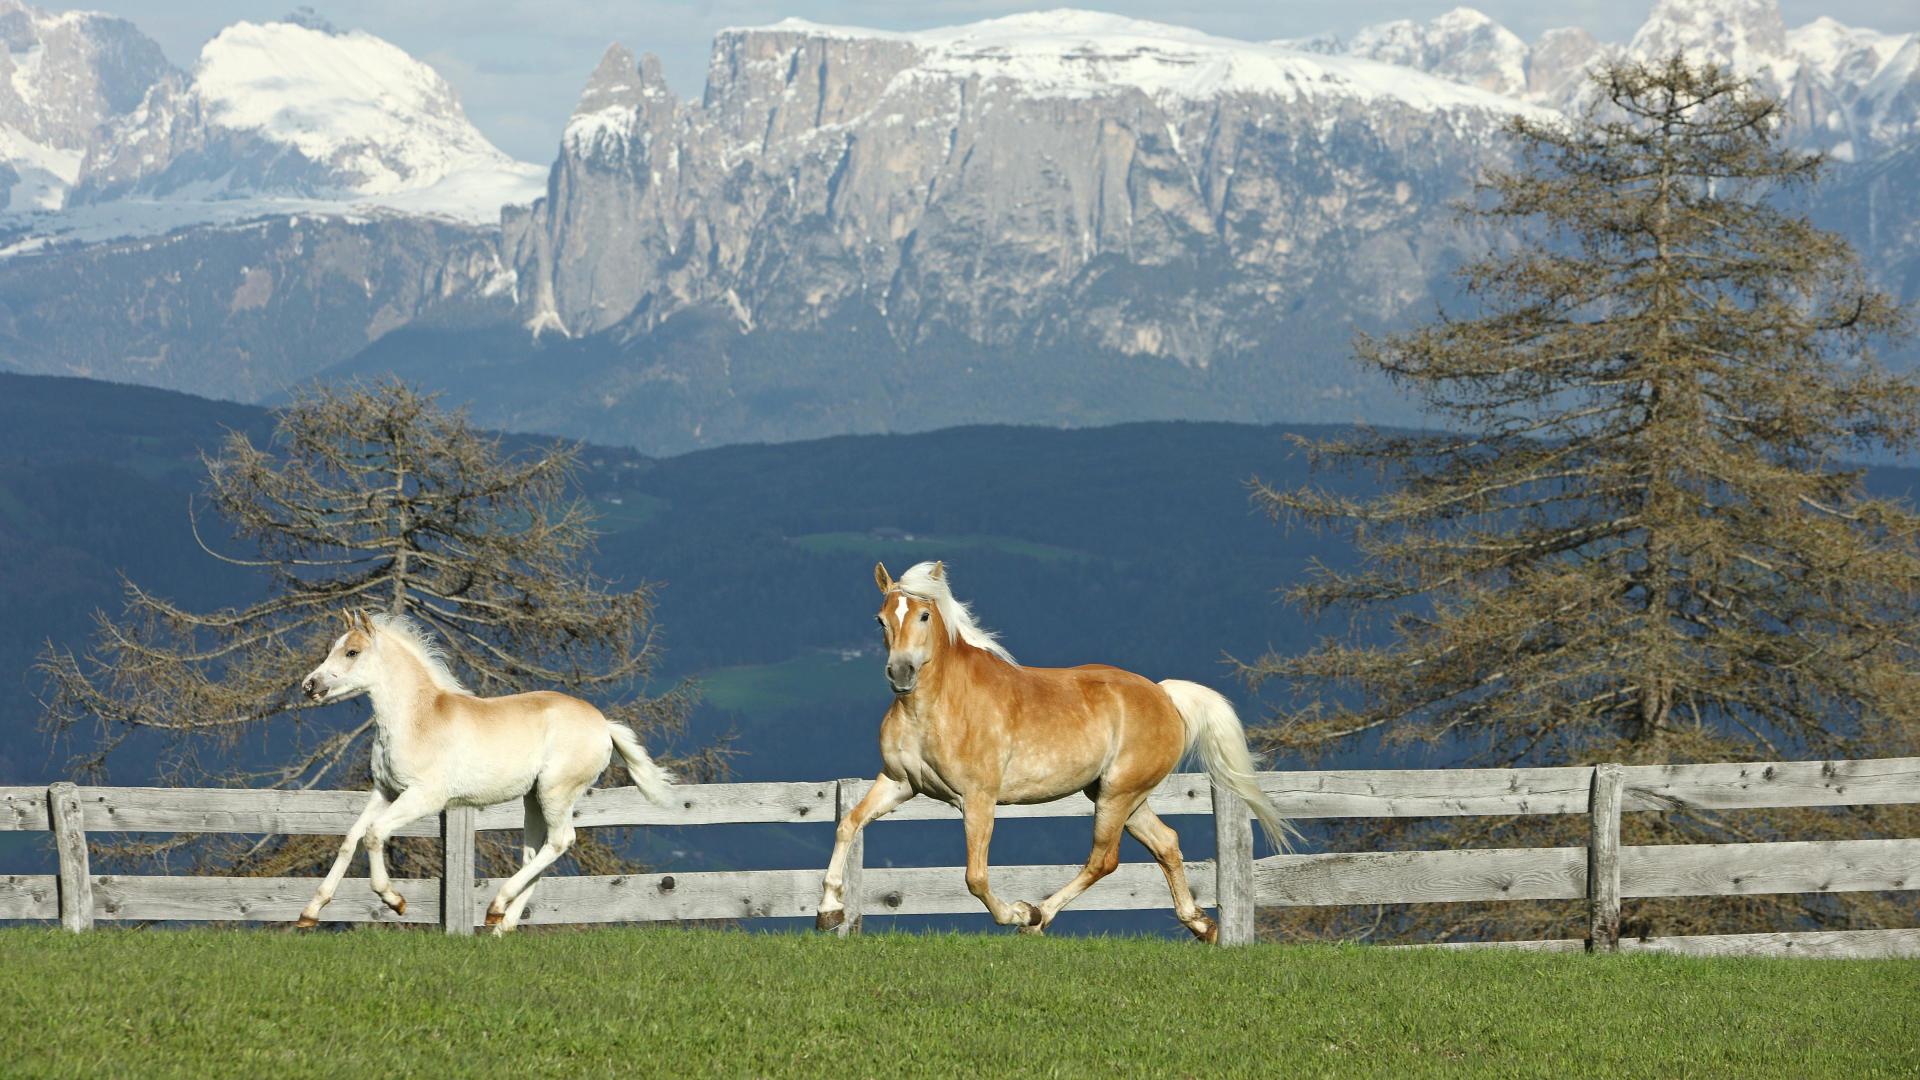 beautiful-horses-1920%C3%971080-wallpaper-wp3603156